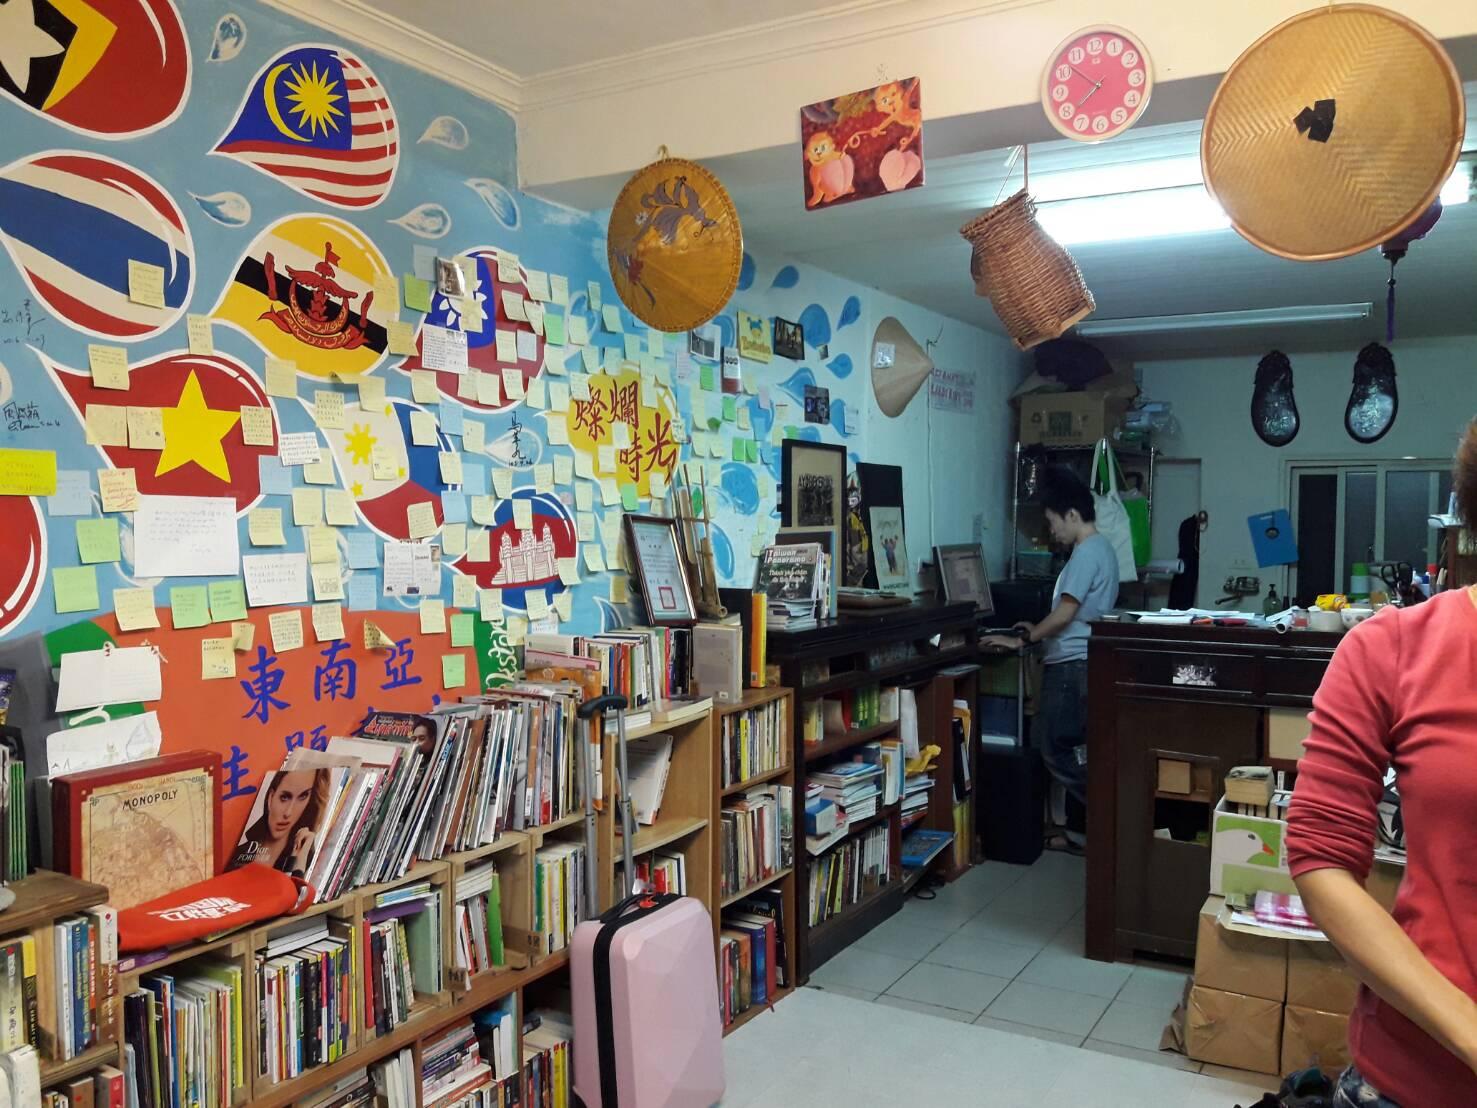 燦爛時光東南亞主題書店,店裡幾乎每天都會舉辦多元文化活動。攝影/黃晴